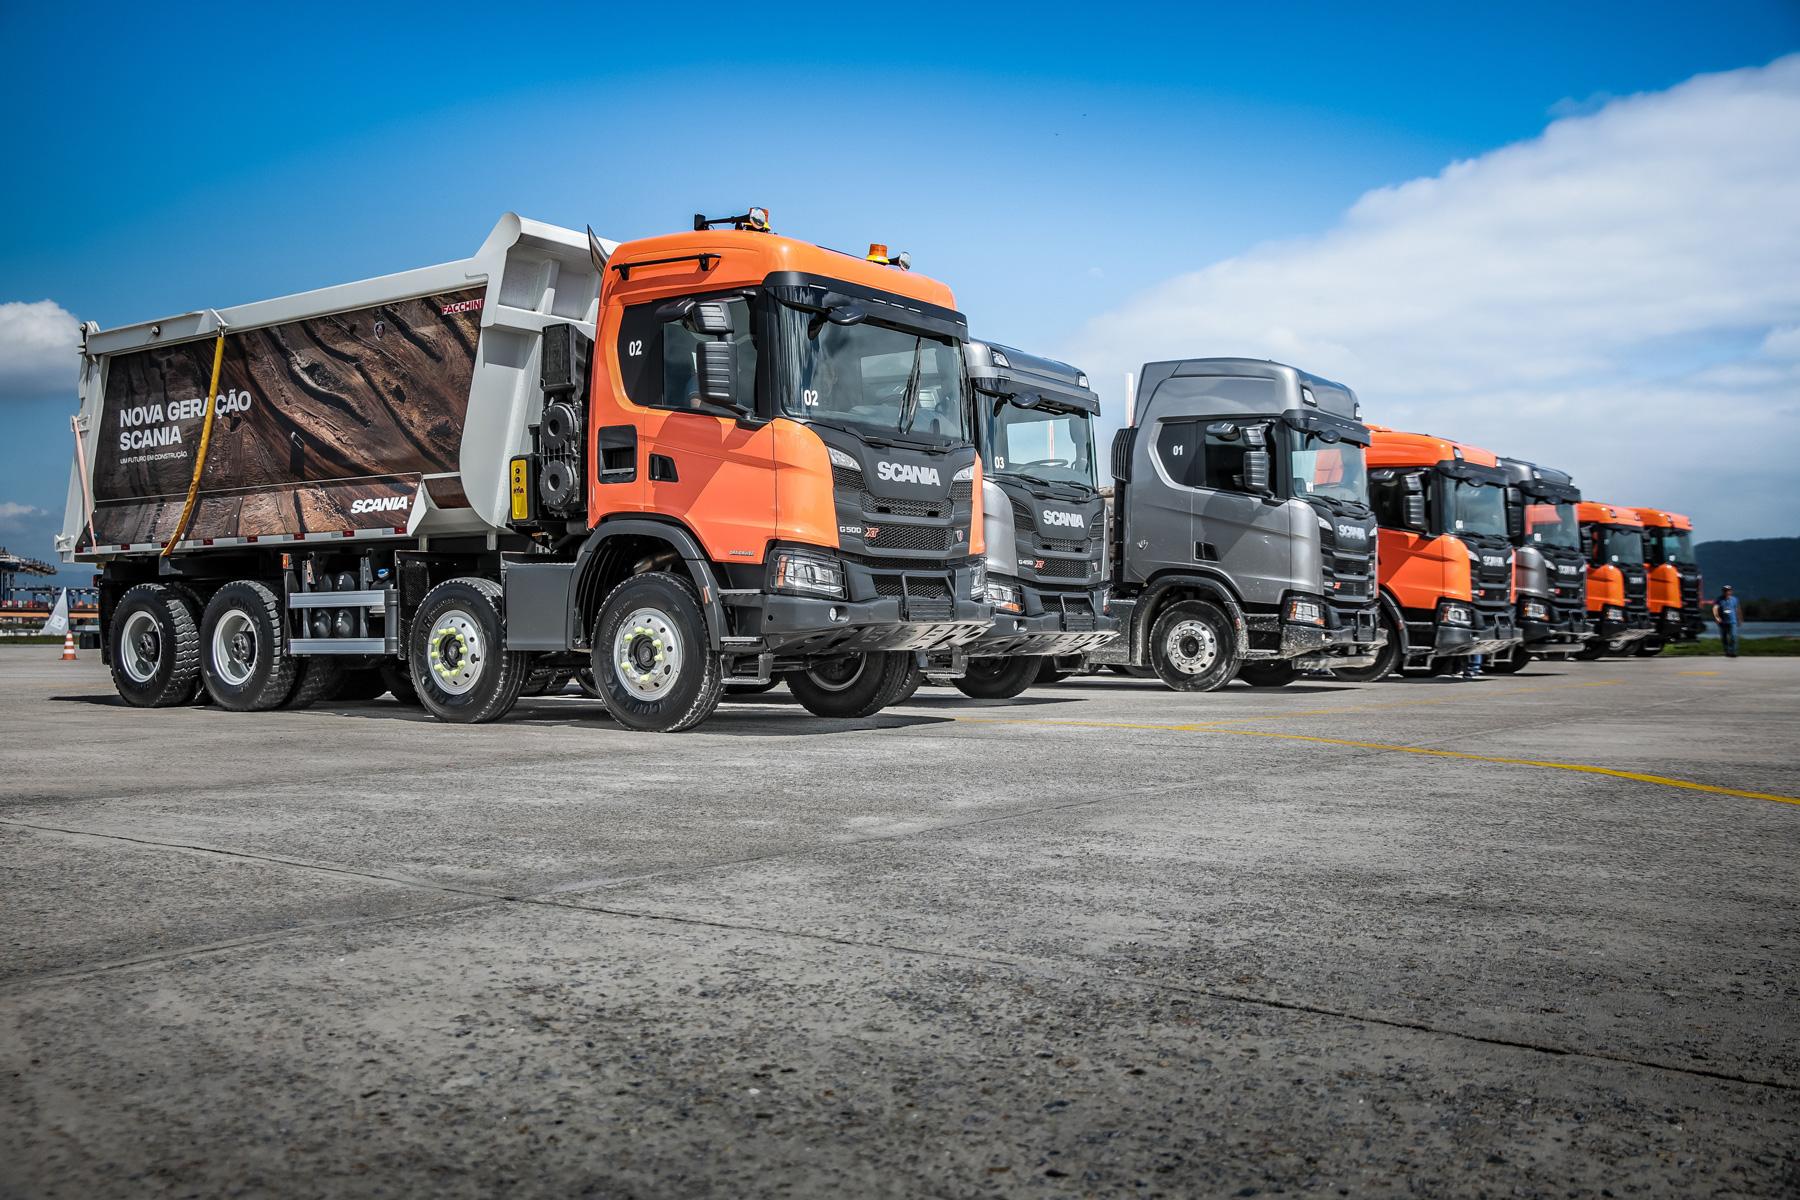 欧州市場で2017年に登場したXTシリーズは、重量物輸送や過酷な環境に向けて開発されたヘビーデューティ仕様